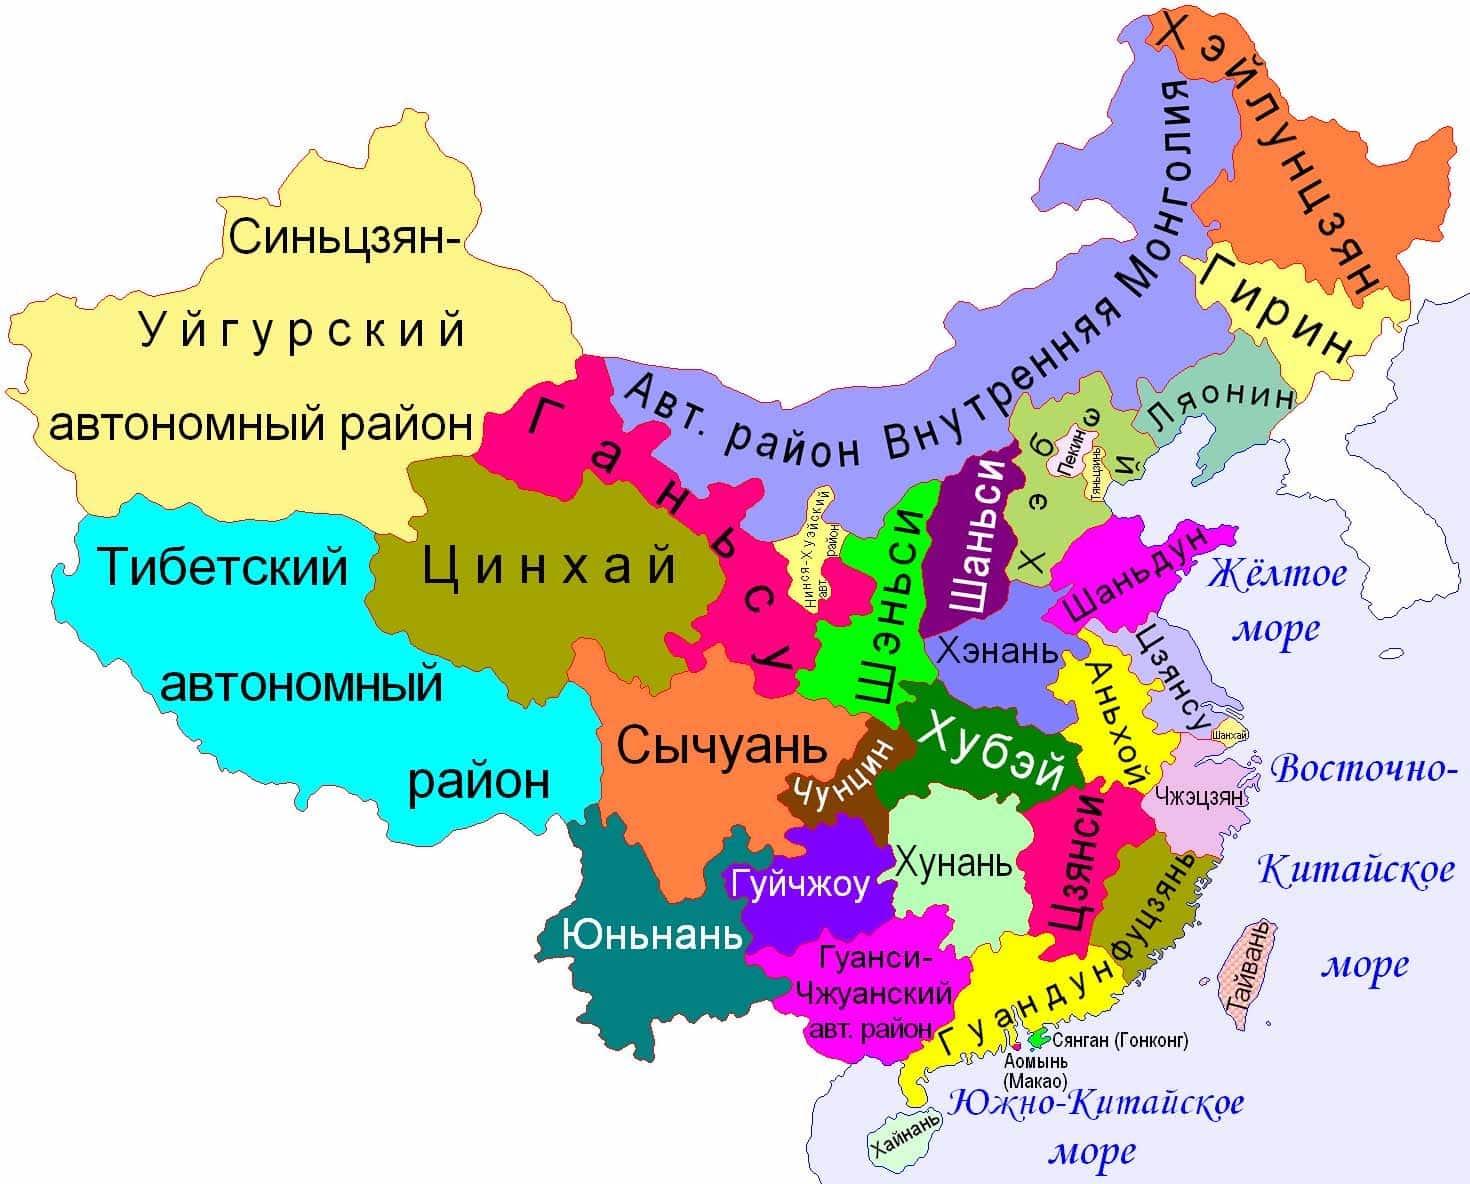 Административные единицы Китая